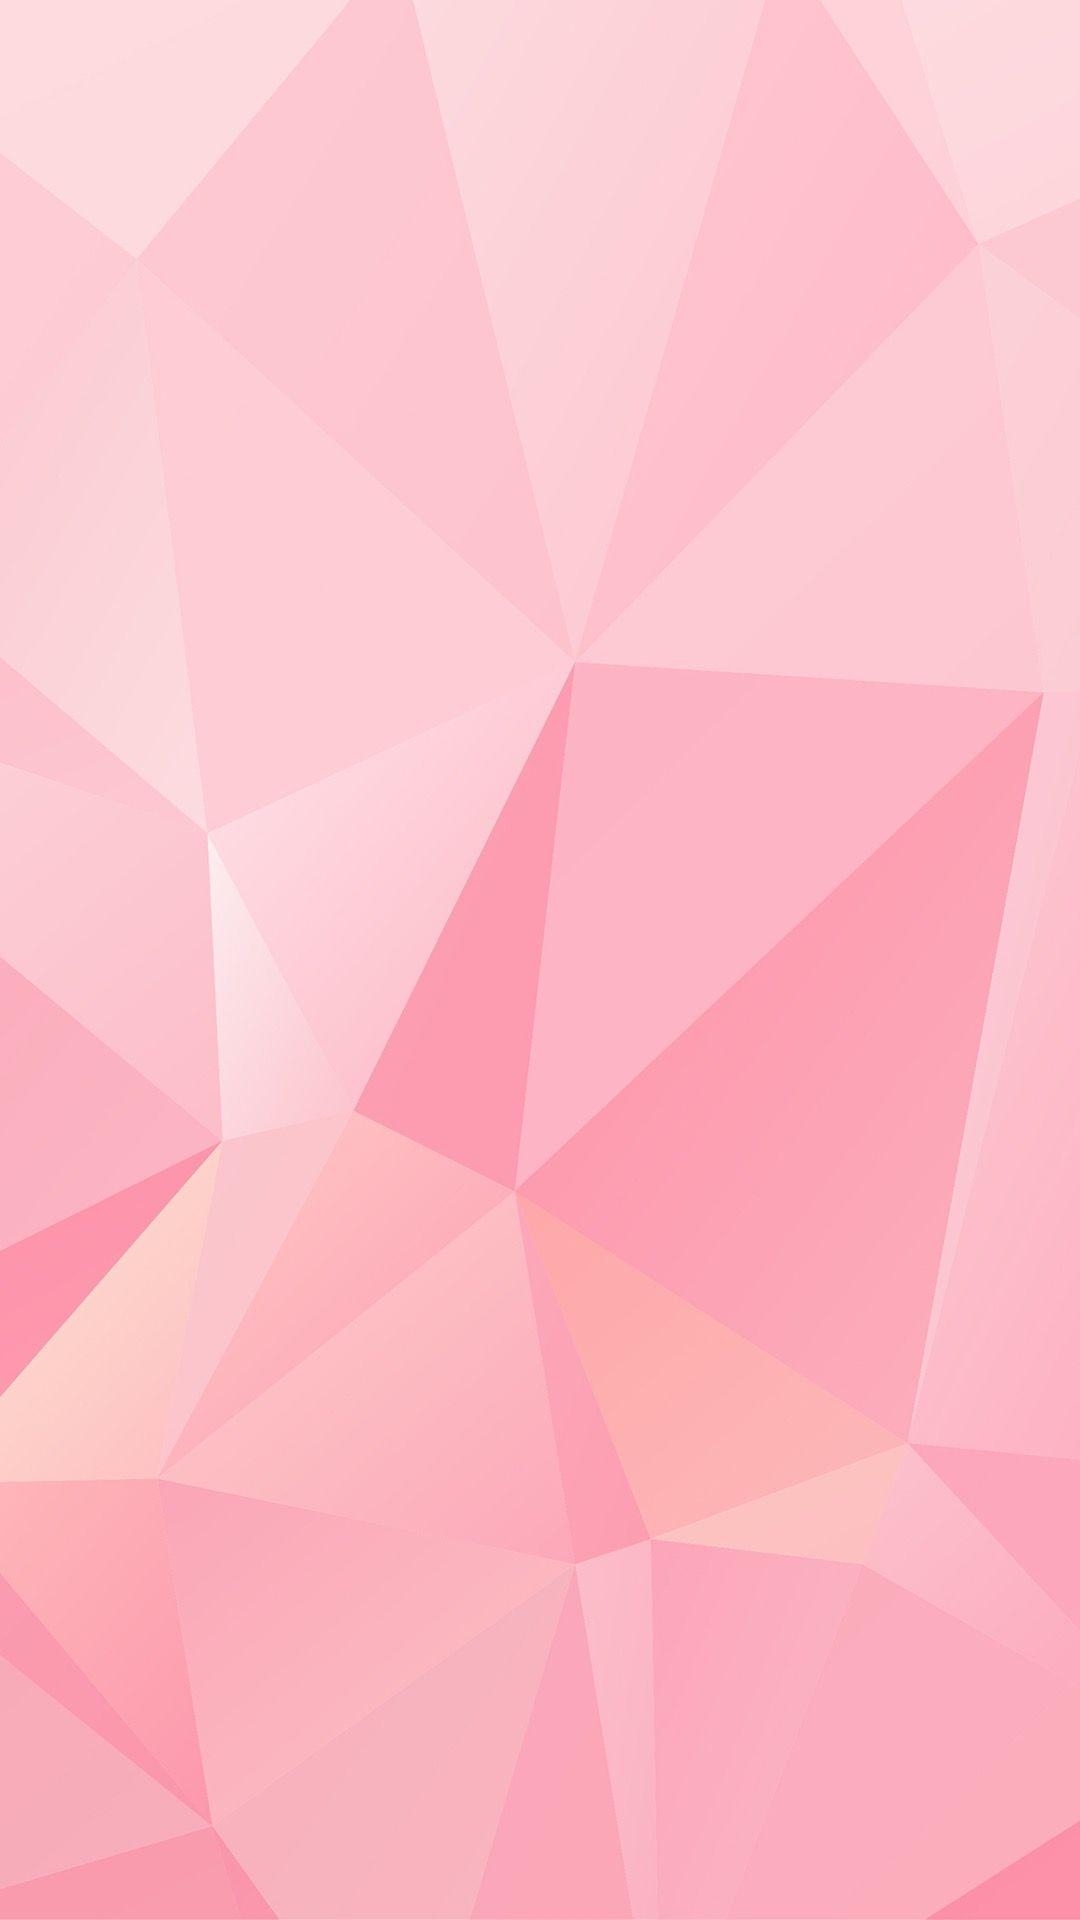 À¸› À¸à¸ž À¸™à¹'ดย Essiralce À¹ƒà¸™ Iphone Wallpaper À¸§à¸à¸¥à¹€à¸›à¹€à¸›à¸à¸£ À¸à¸²à¸£à¸à¸à¸à¹à¸šà¸šà¹'ปสเตอร À¸§à¸à¸¥à¹€à¸›à¹€à¸›à¸à¸£ À¹'ทรศ À¸žà¸—